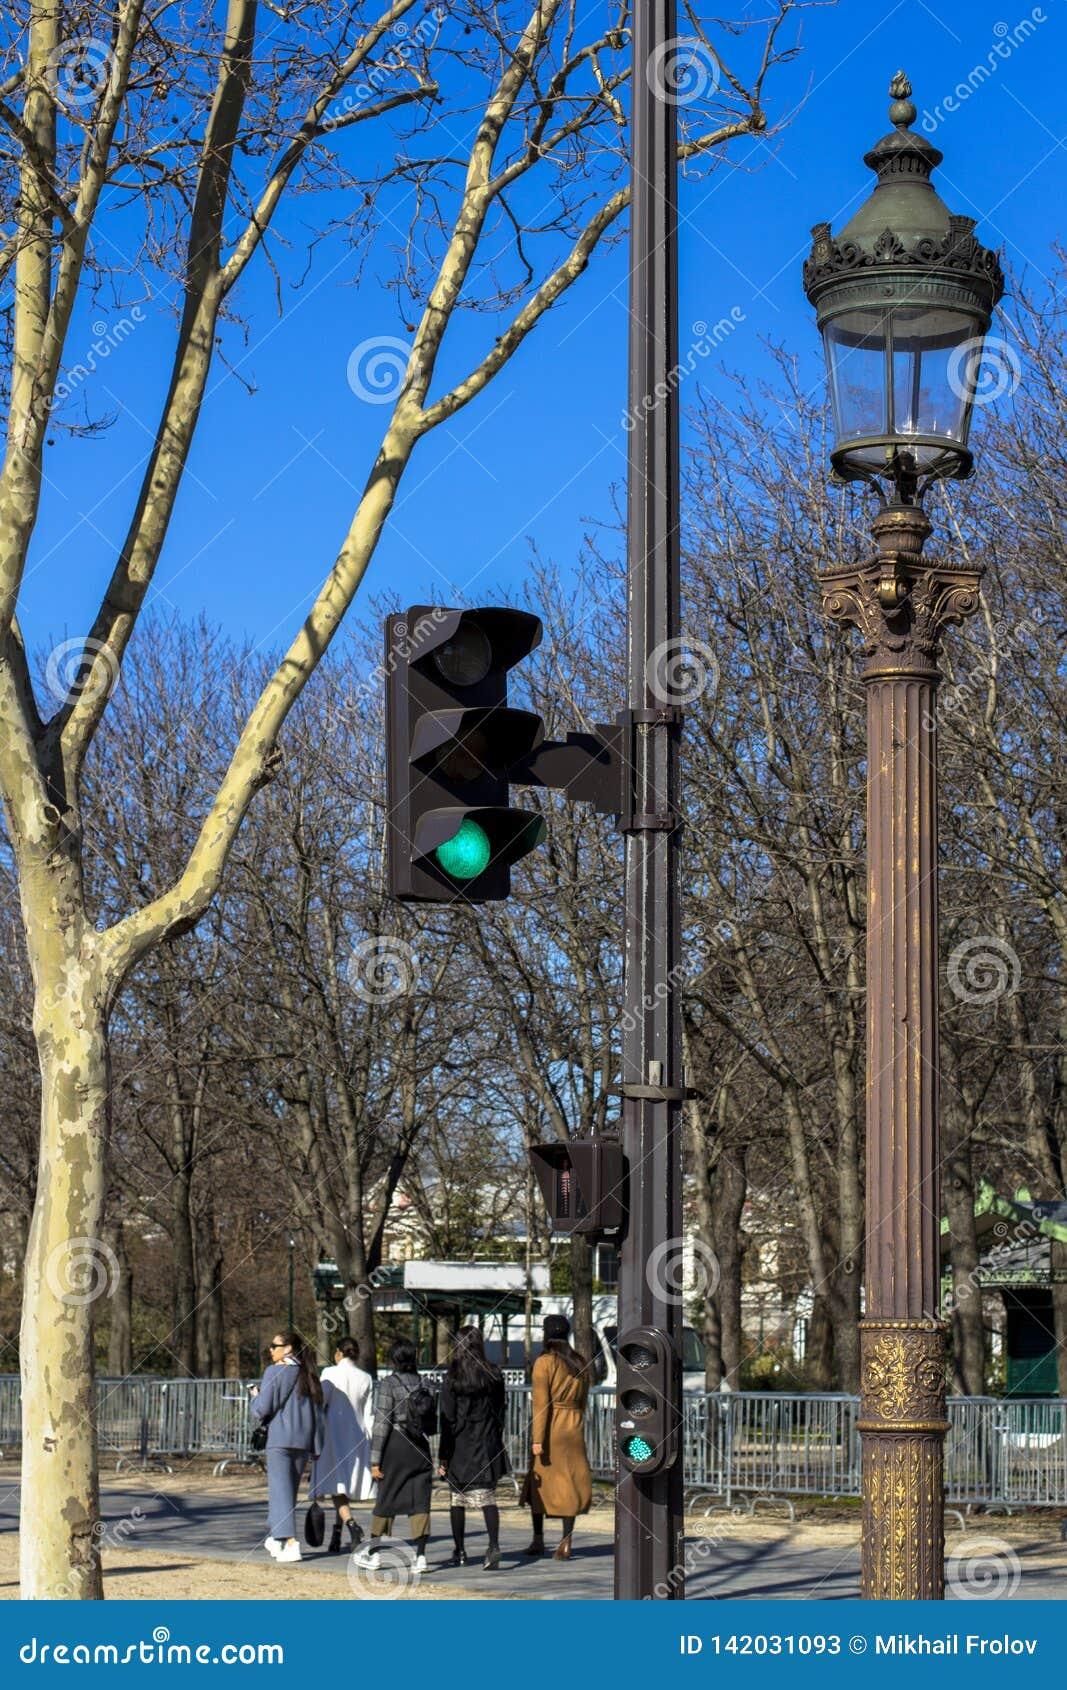 Trafikljus lykta, träd mot den blåa himlen i vår i Paris, var folket går i bra väder